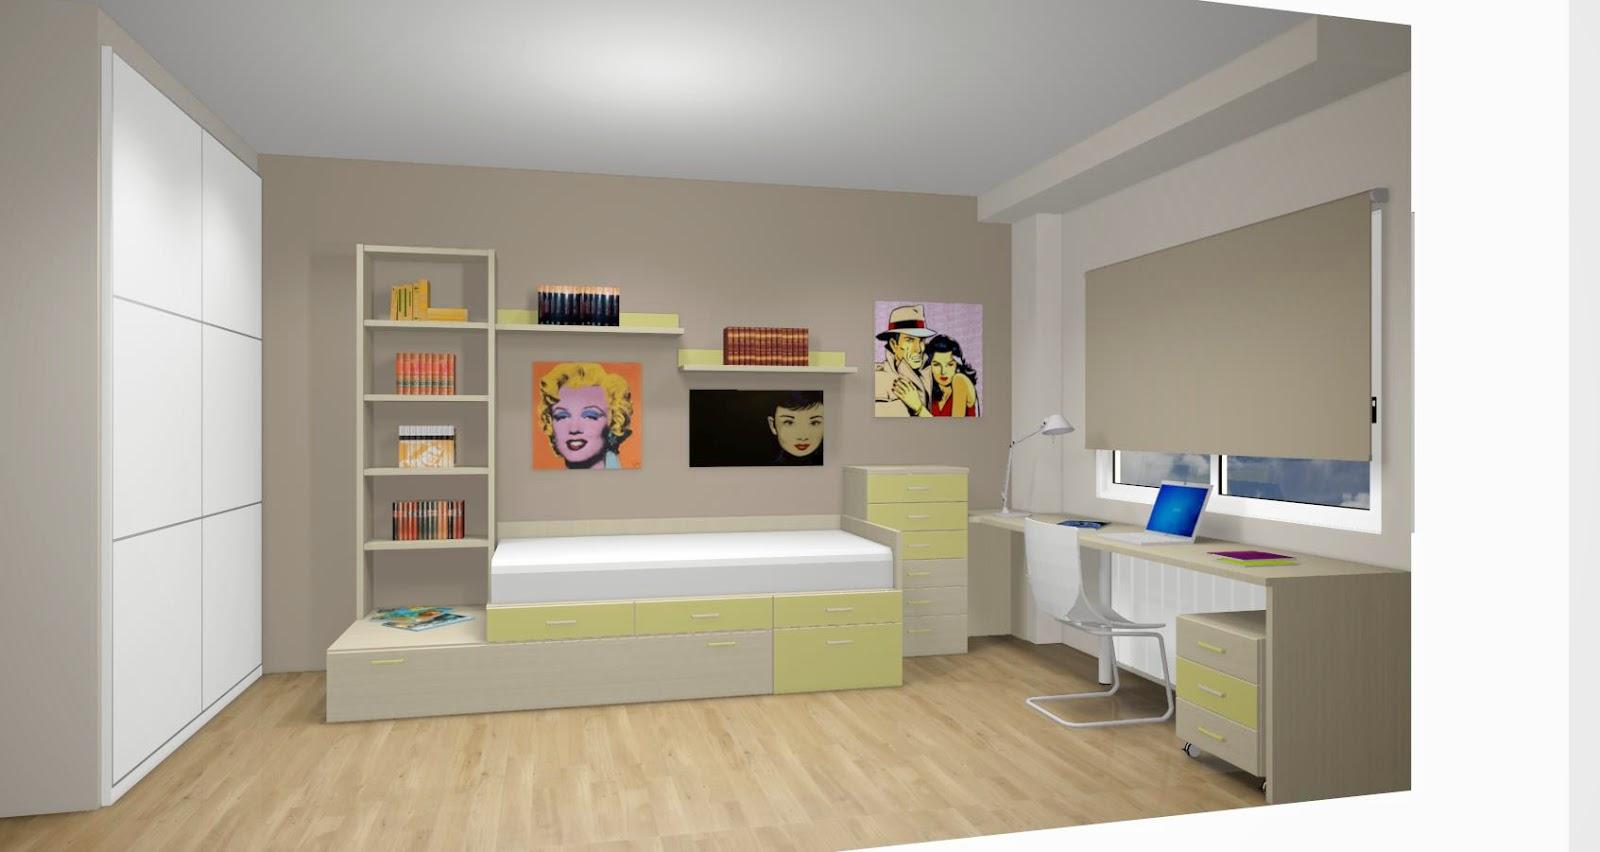 Dise o de cuartos o dormitorios juveniles - Diseno de dormitorios juveniles ...